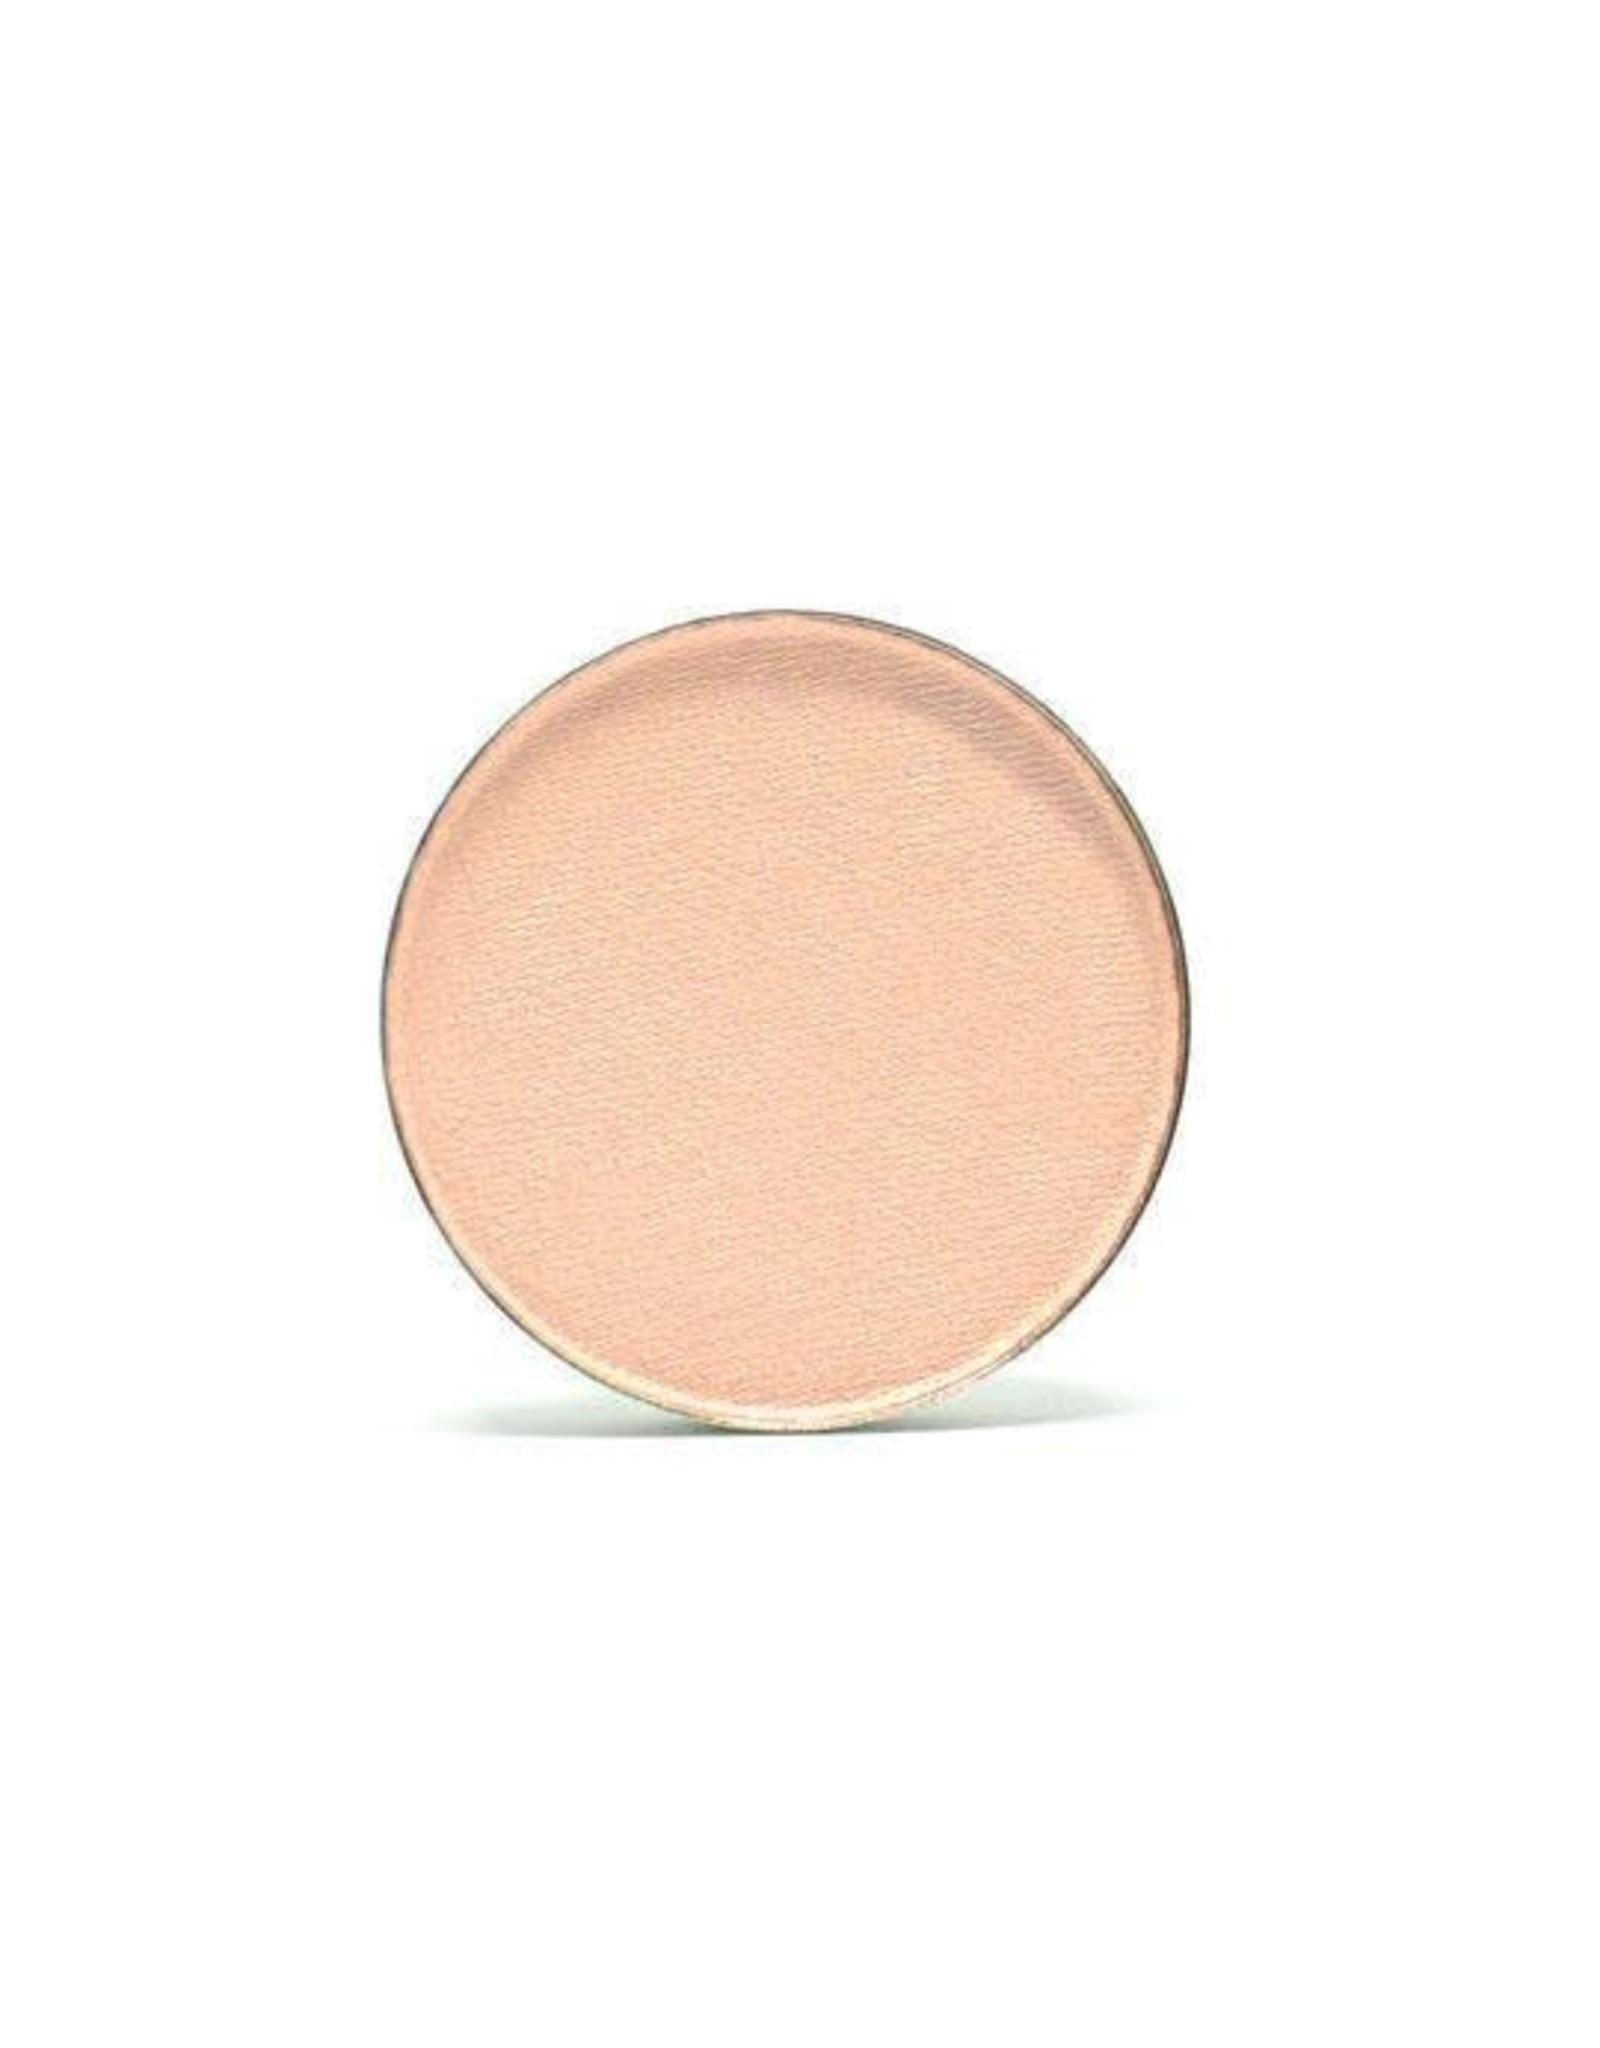 Elate Cosmetics Elate Create Pressed Eye Colour - Soar